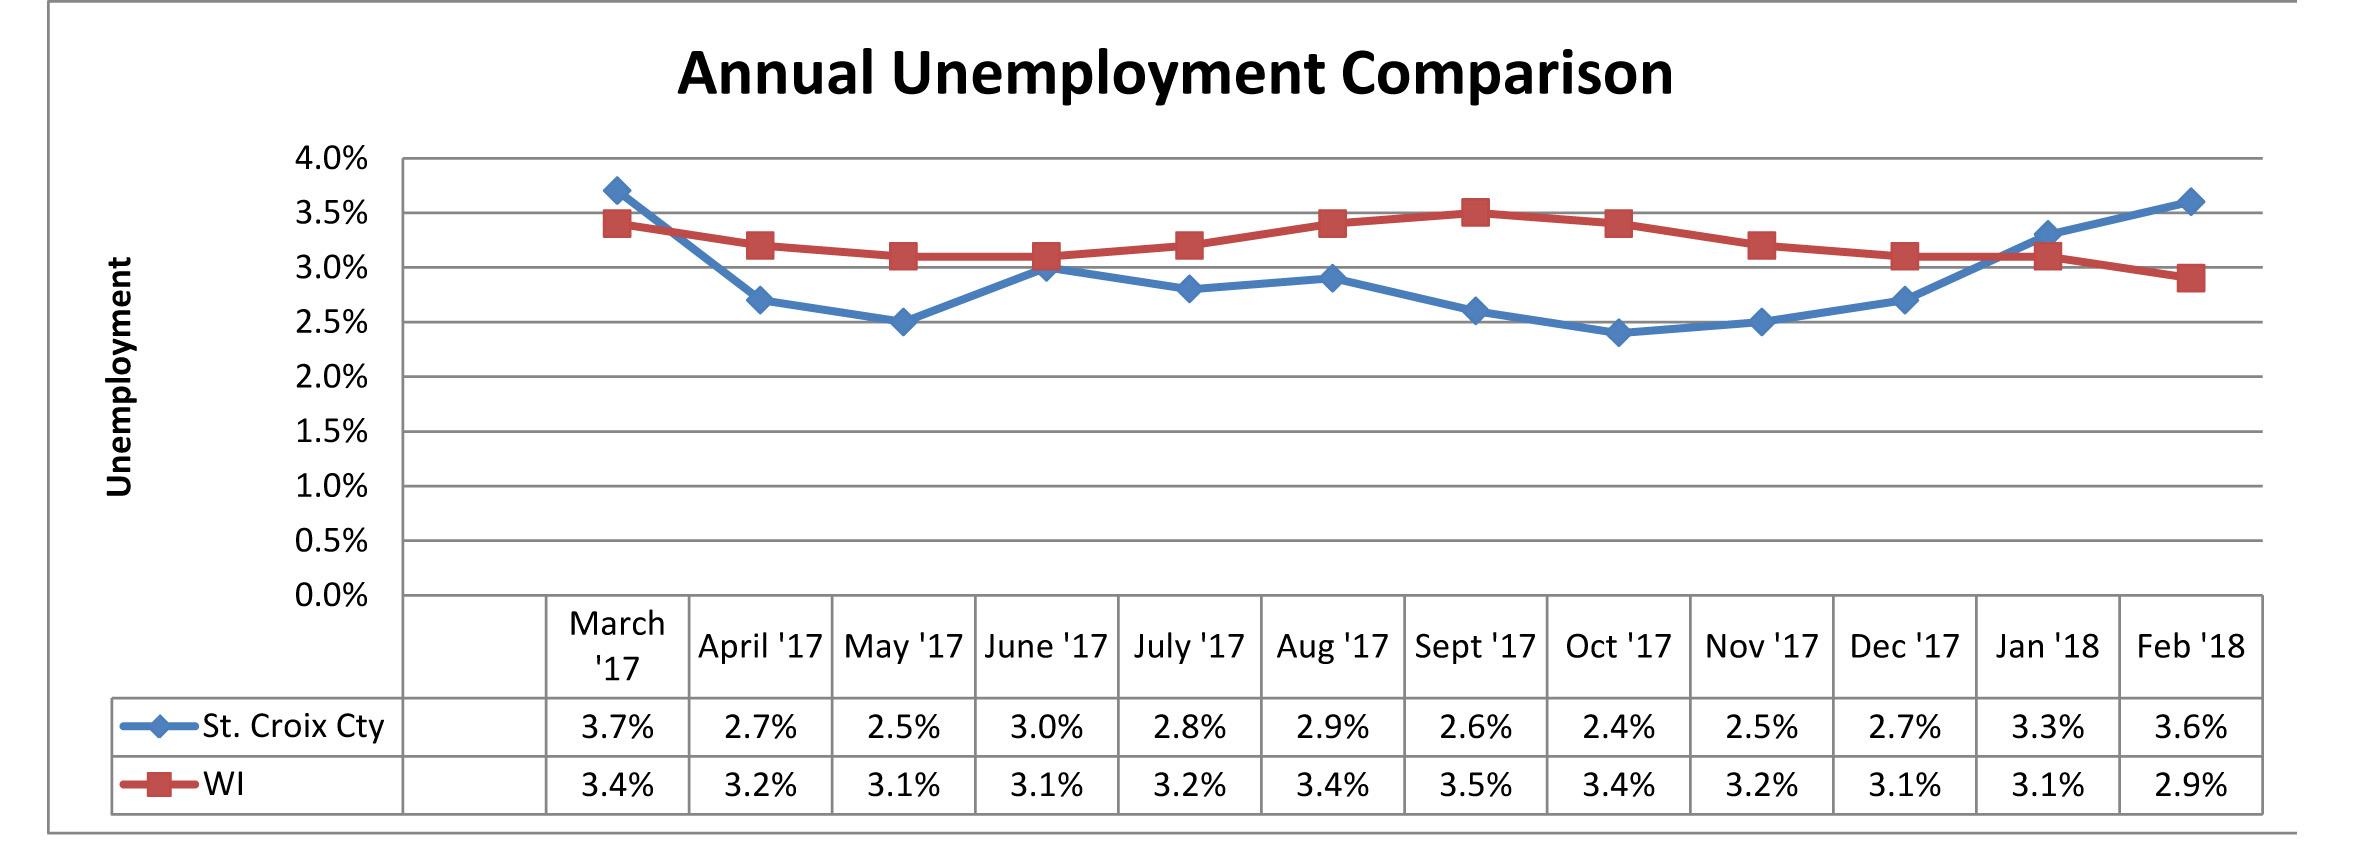 February 2018 Unemployment Comparison